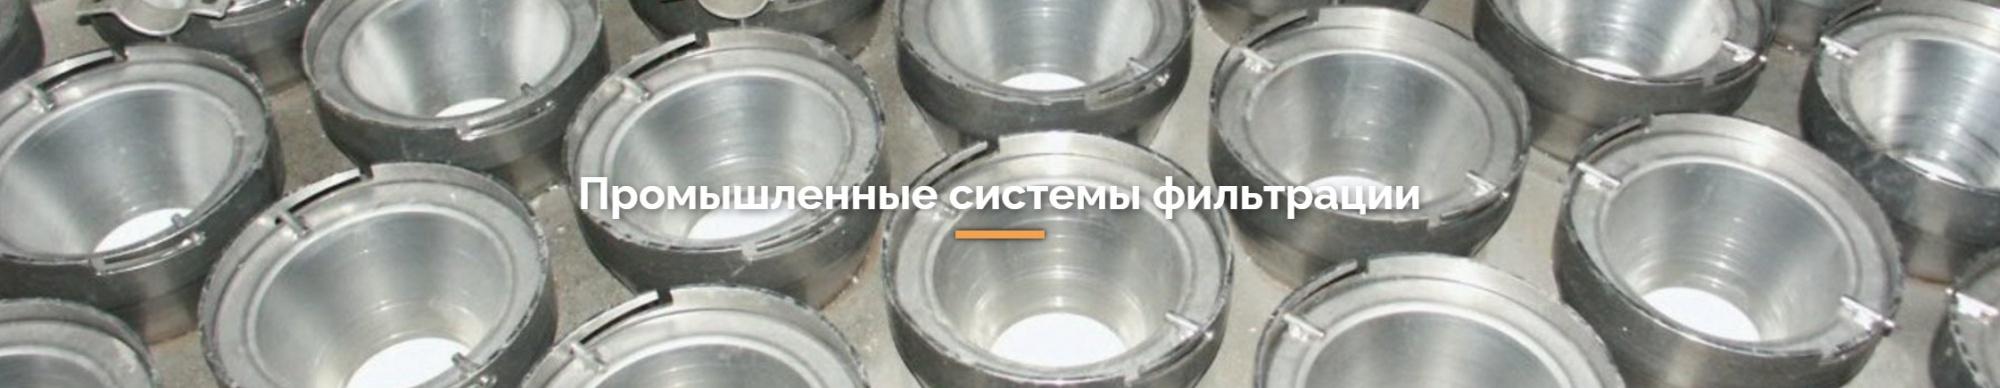 Промышленные системы фильтрации.jpg